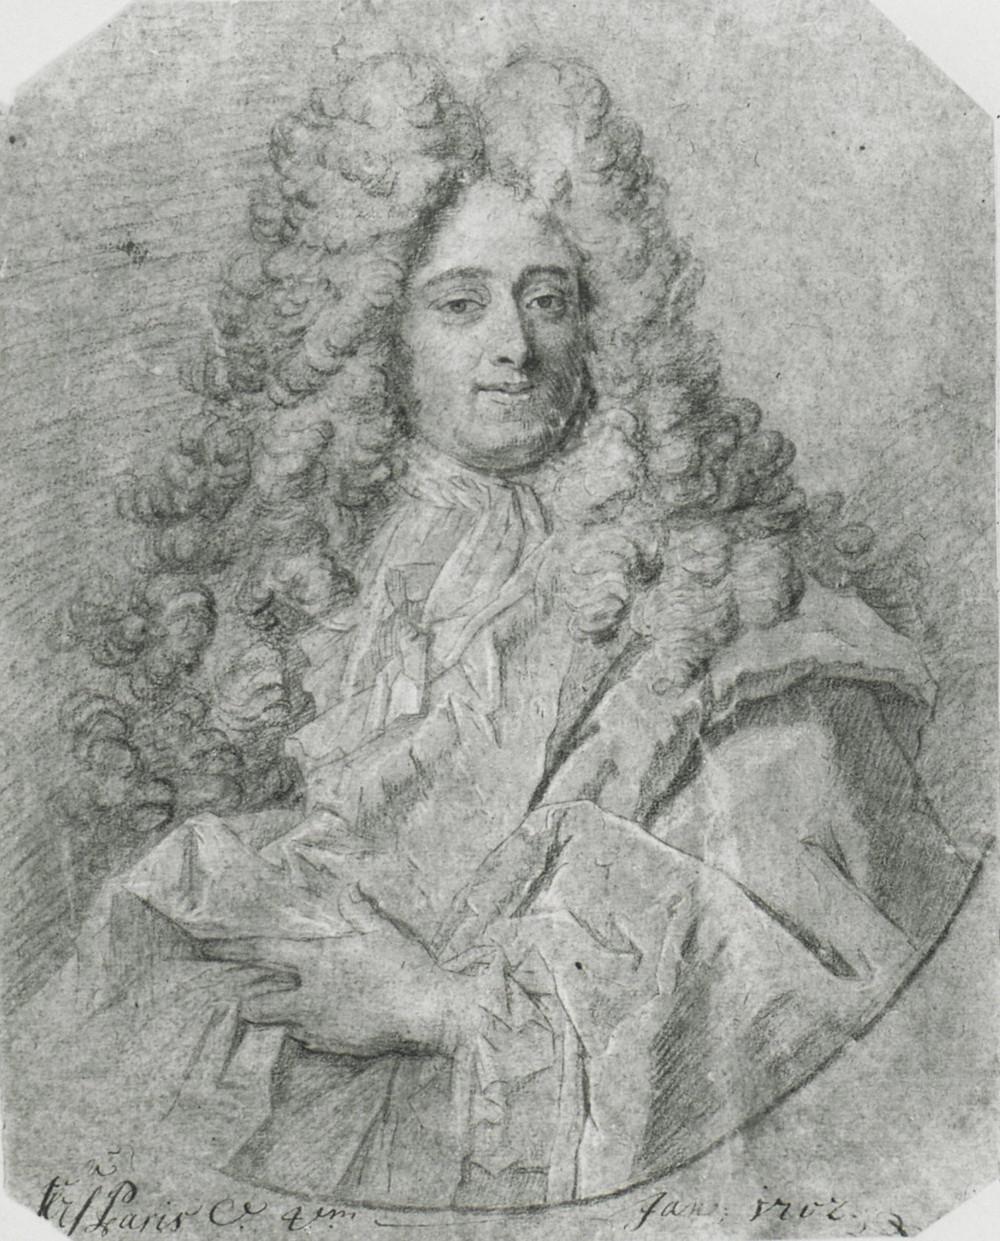 Atelier de Hyacinthe Rigaud, Portrait d'un homme, vers 1695-1700, Lille, Palais des Beaux-Arts, inv. W 3184